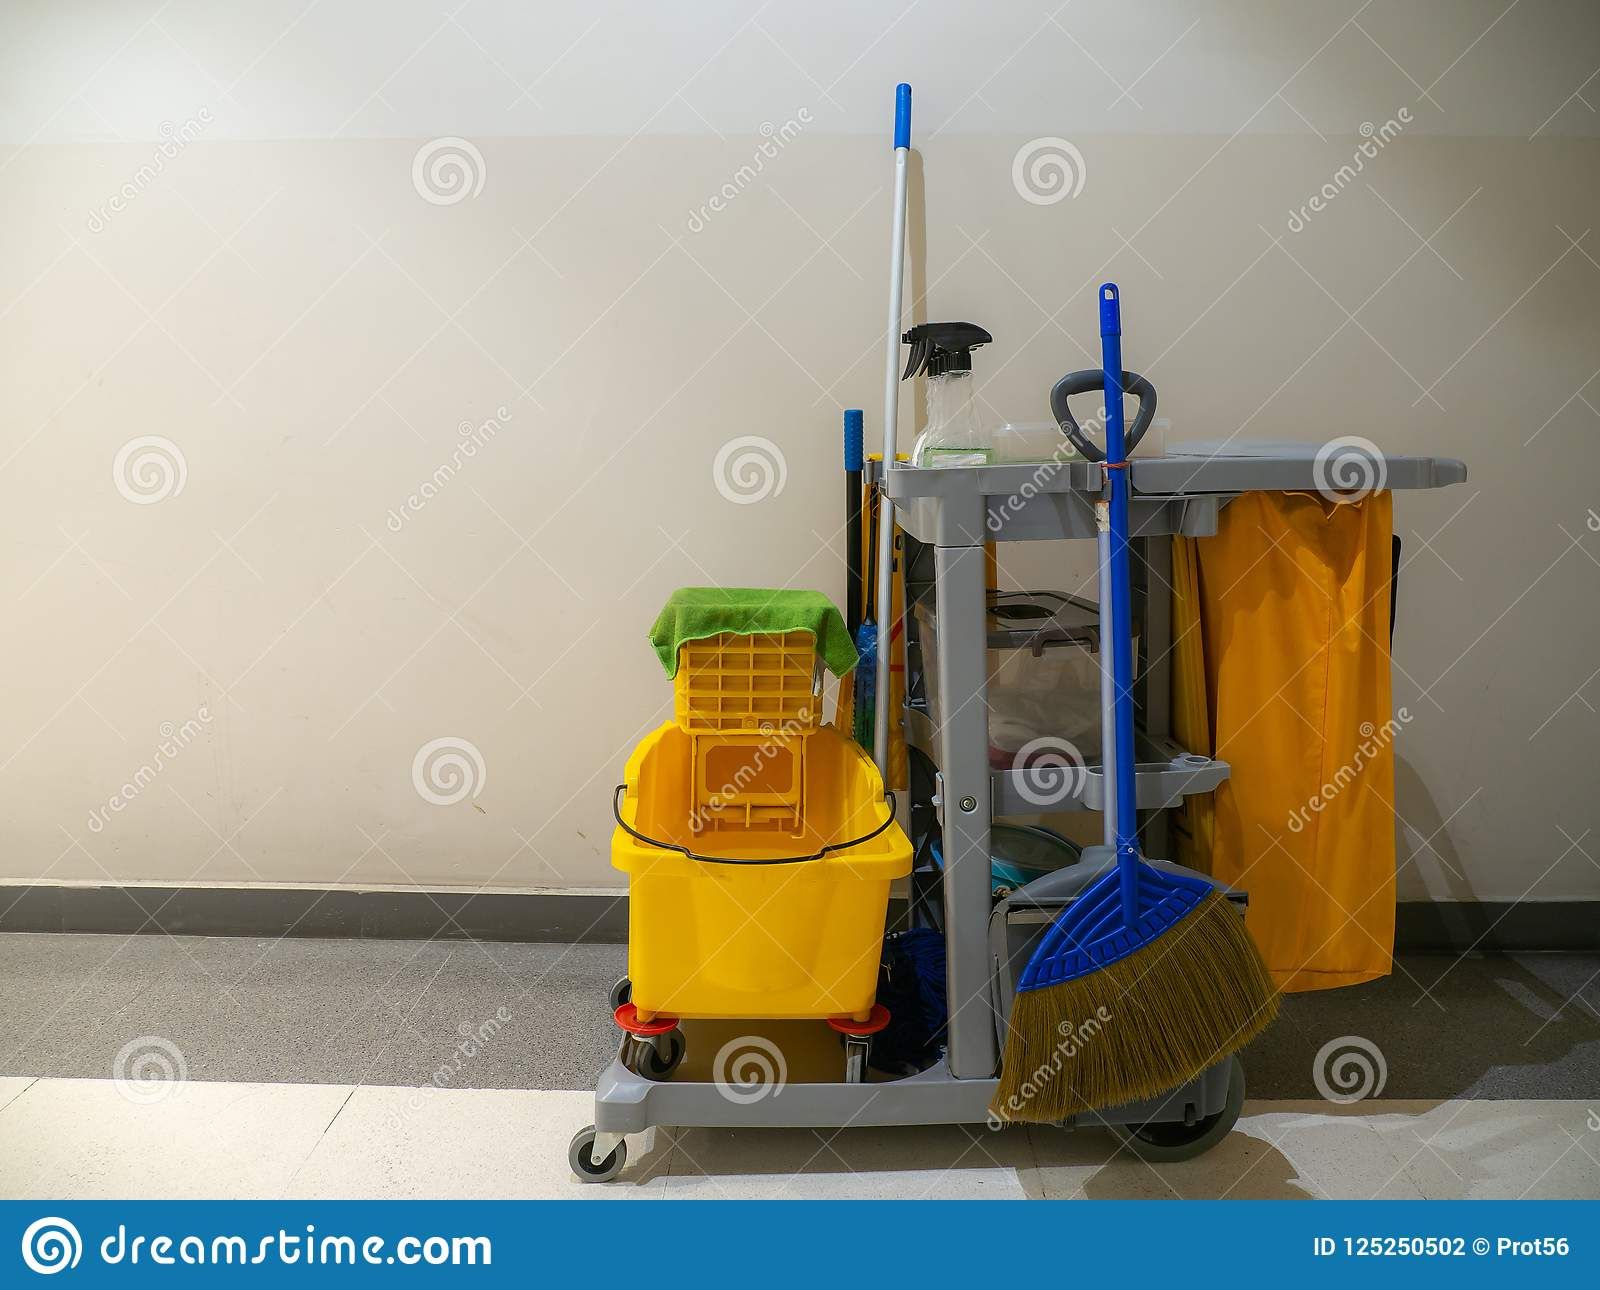 清洁工具推车等待擦净剂 桶和套在百货商店的清洁设备 管理员服务工友为